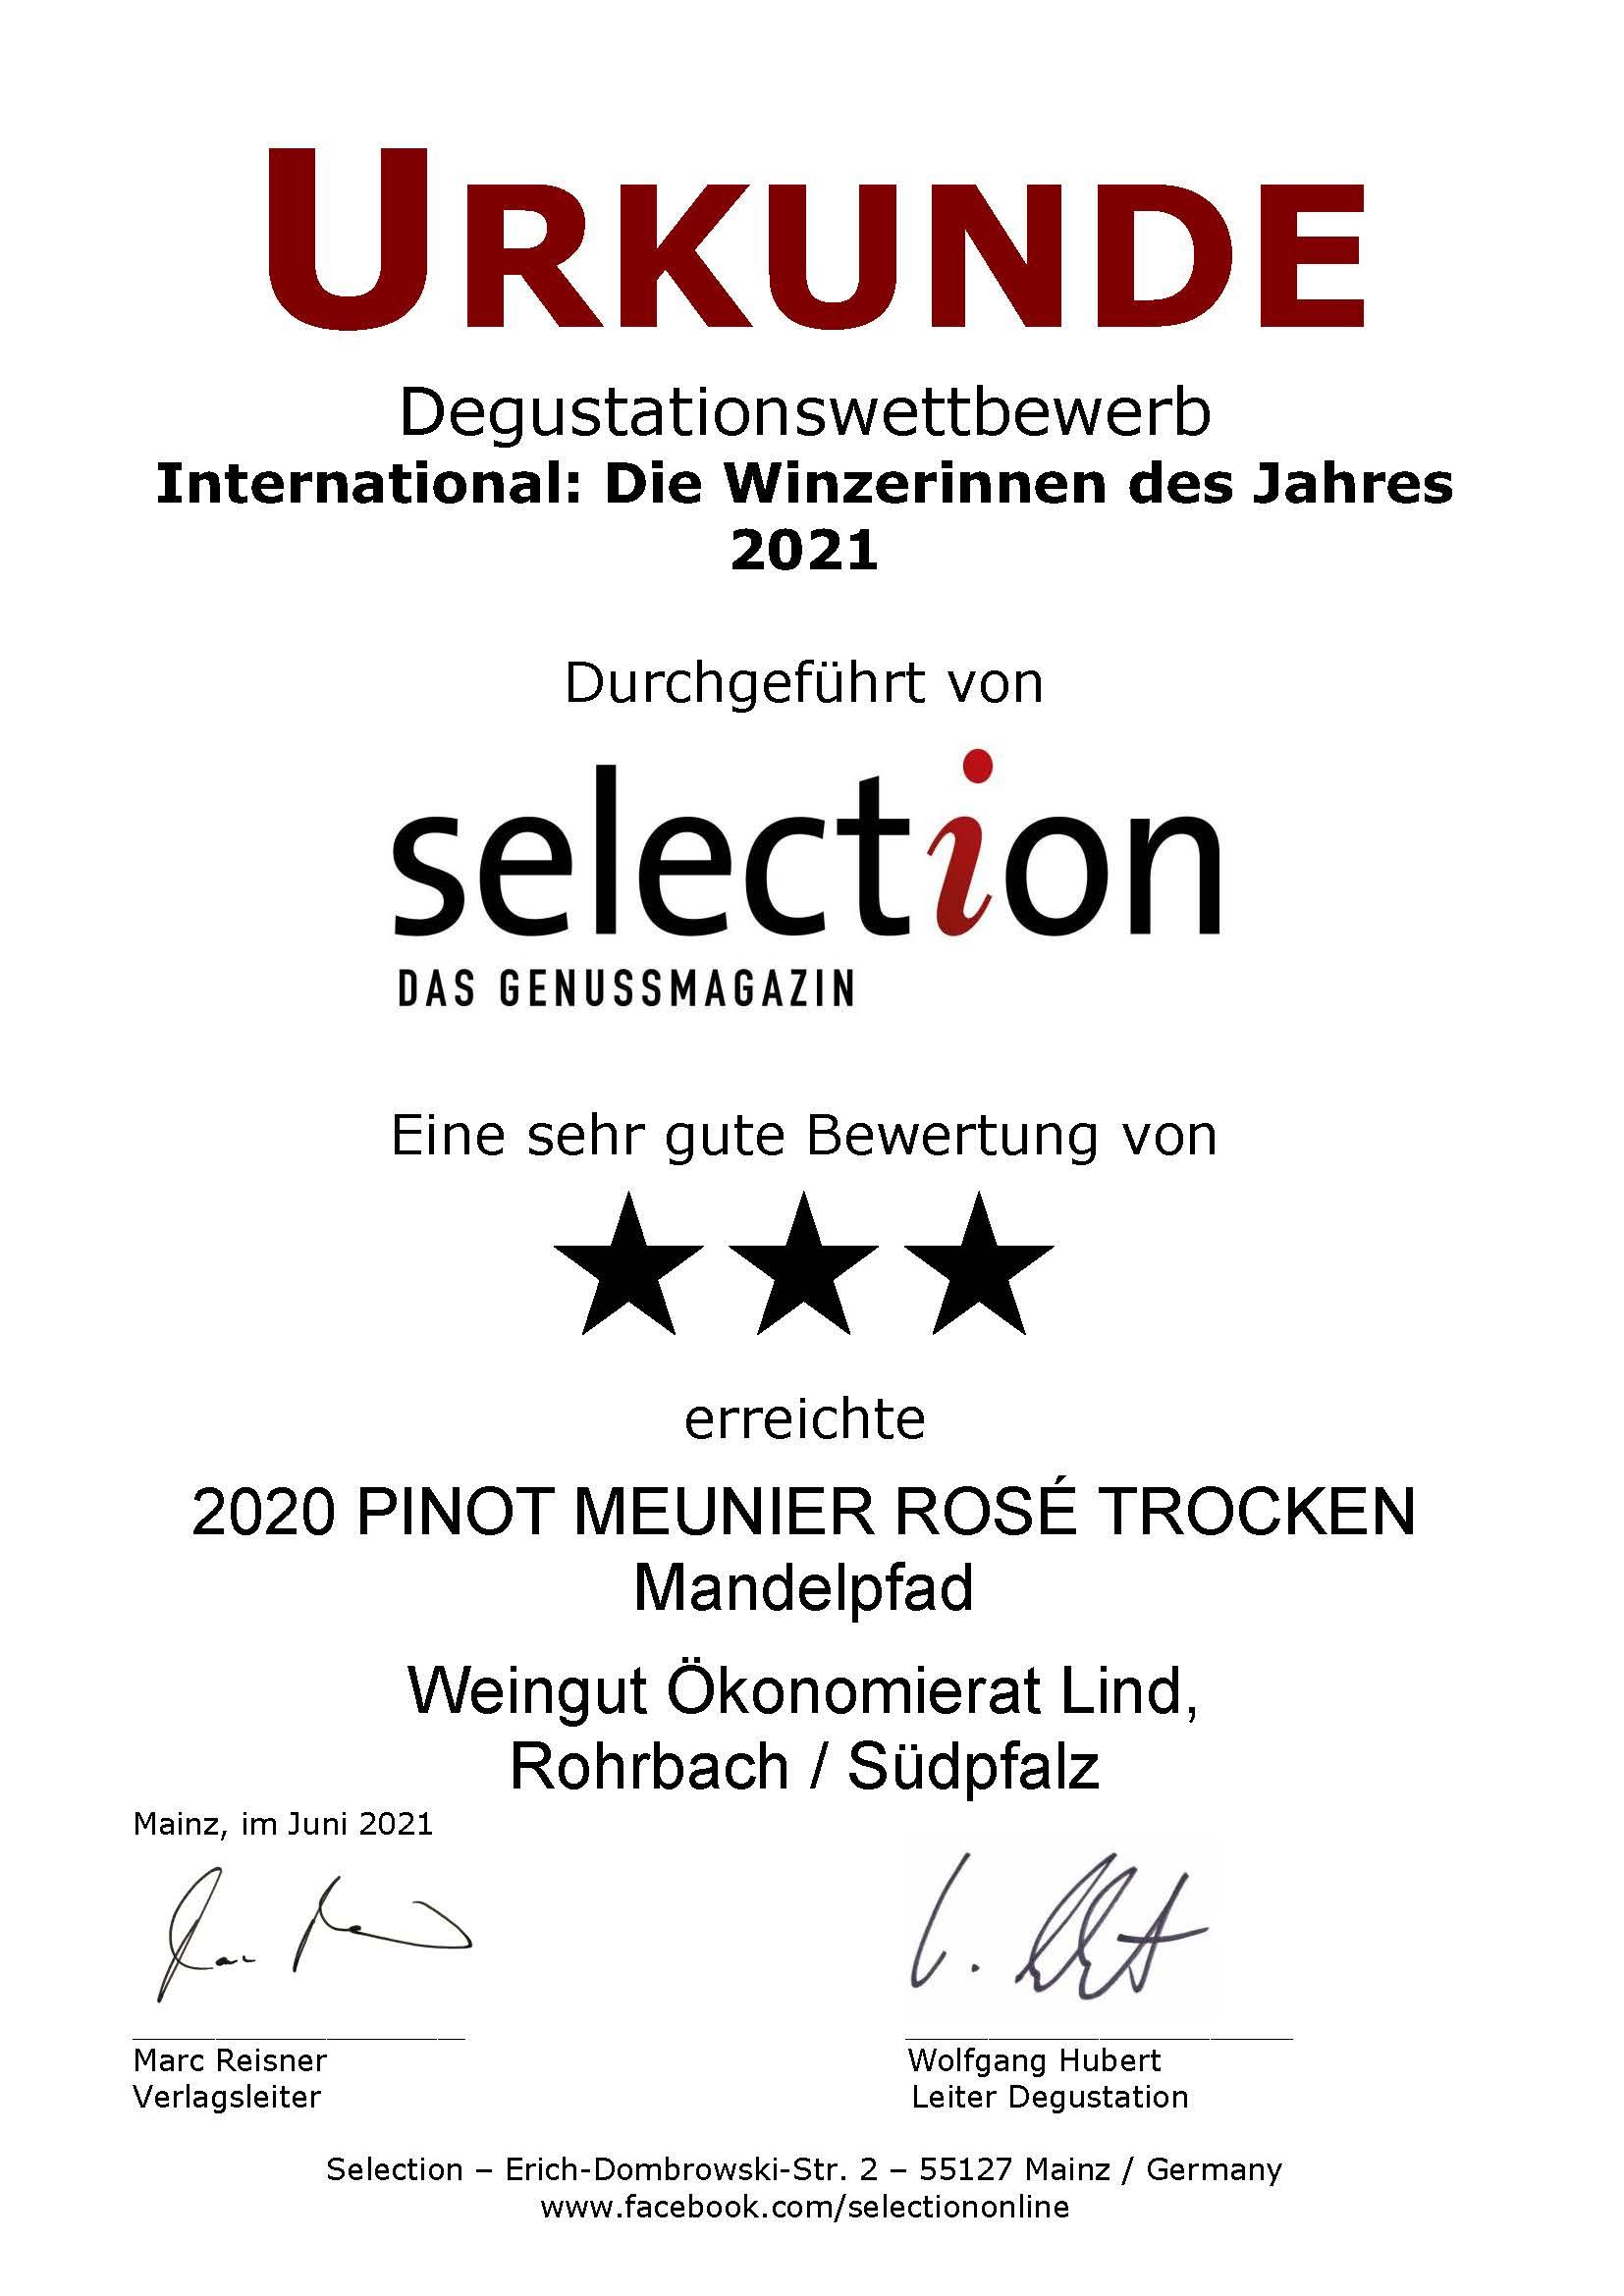 """3 Sterne beim internationalen Degustationswettbewerb """"International: Die Winzerinnen des Jahres 2021"""". Unser 2020 PINOT MEUNIER ROSÉ TROCKEN Mandelpfad wurde von der Weinfachzeitschrift Selection mit einer Silbermedaille ausgezeichnet."""